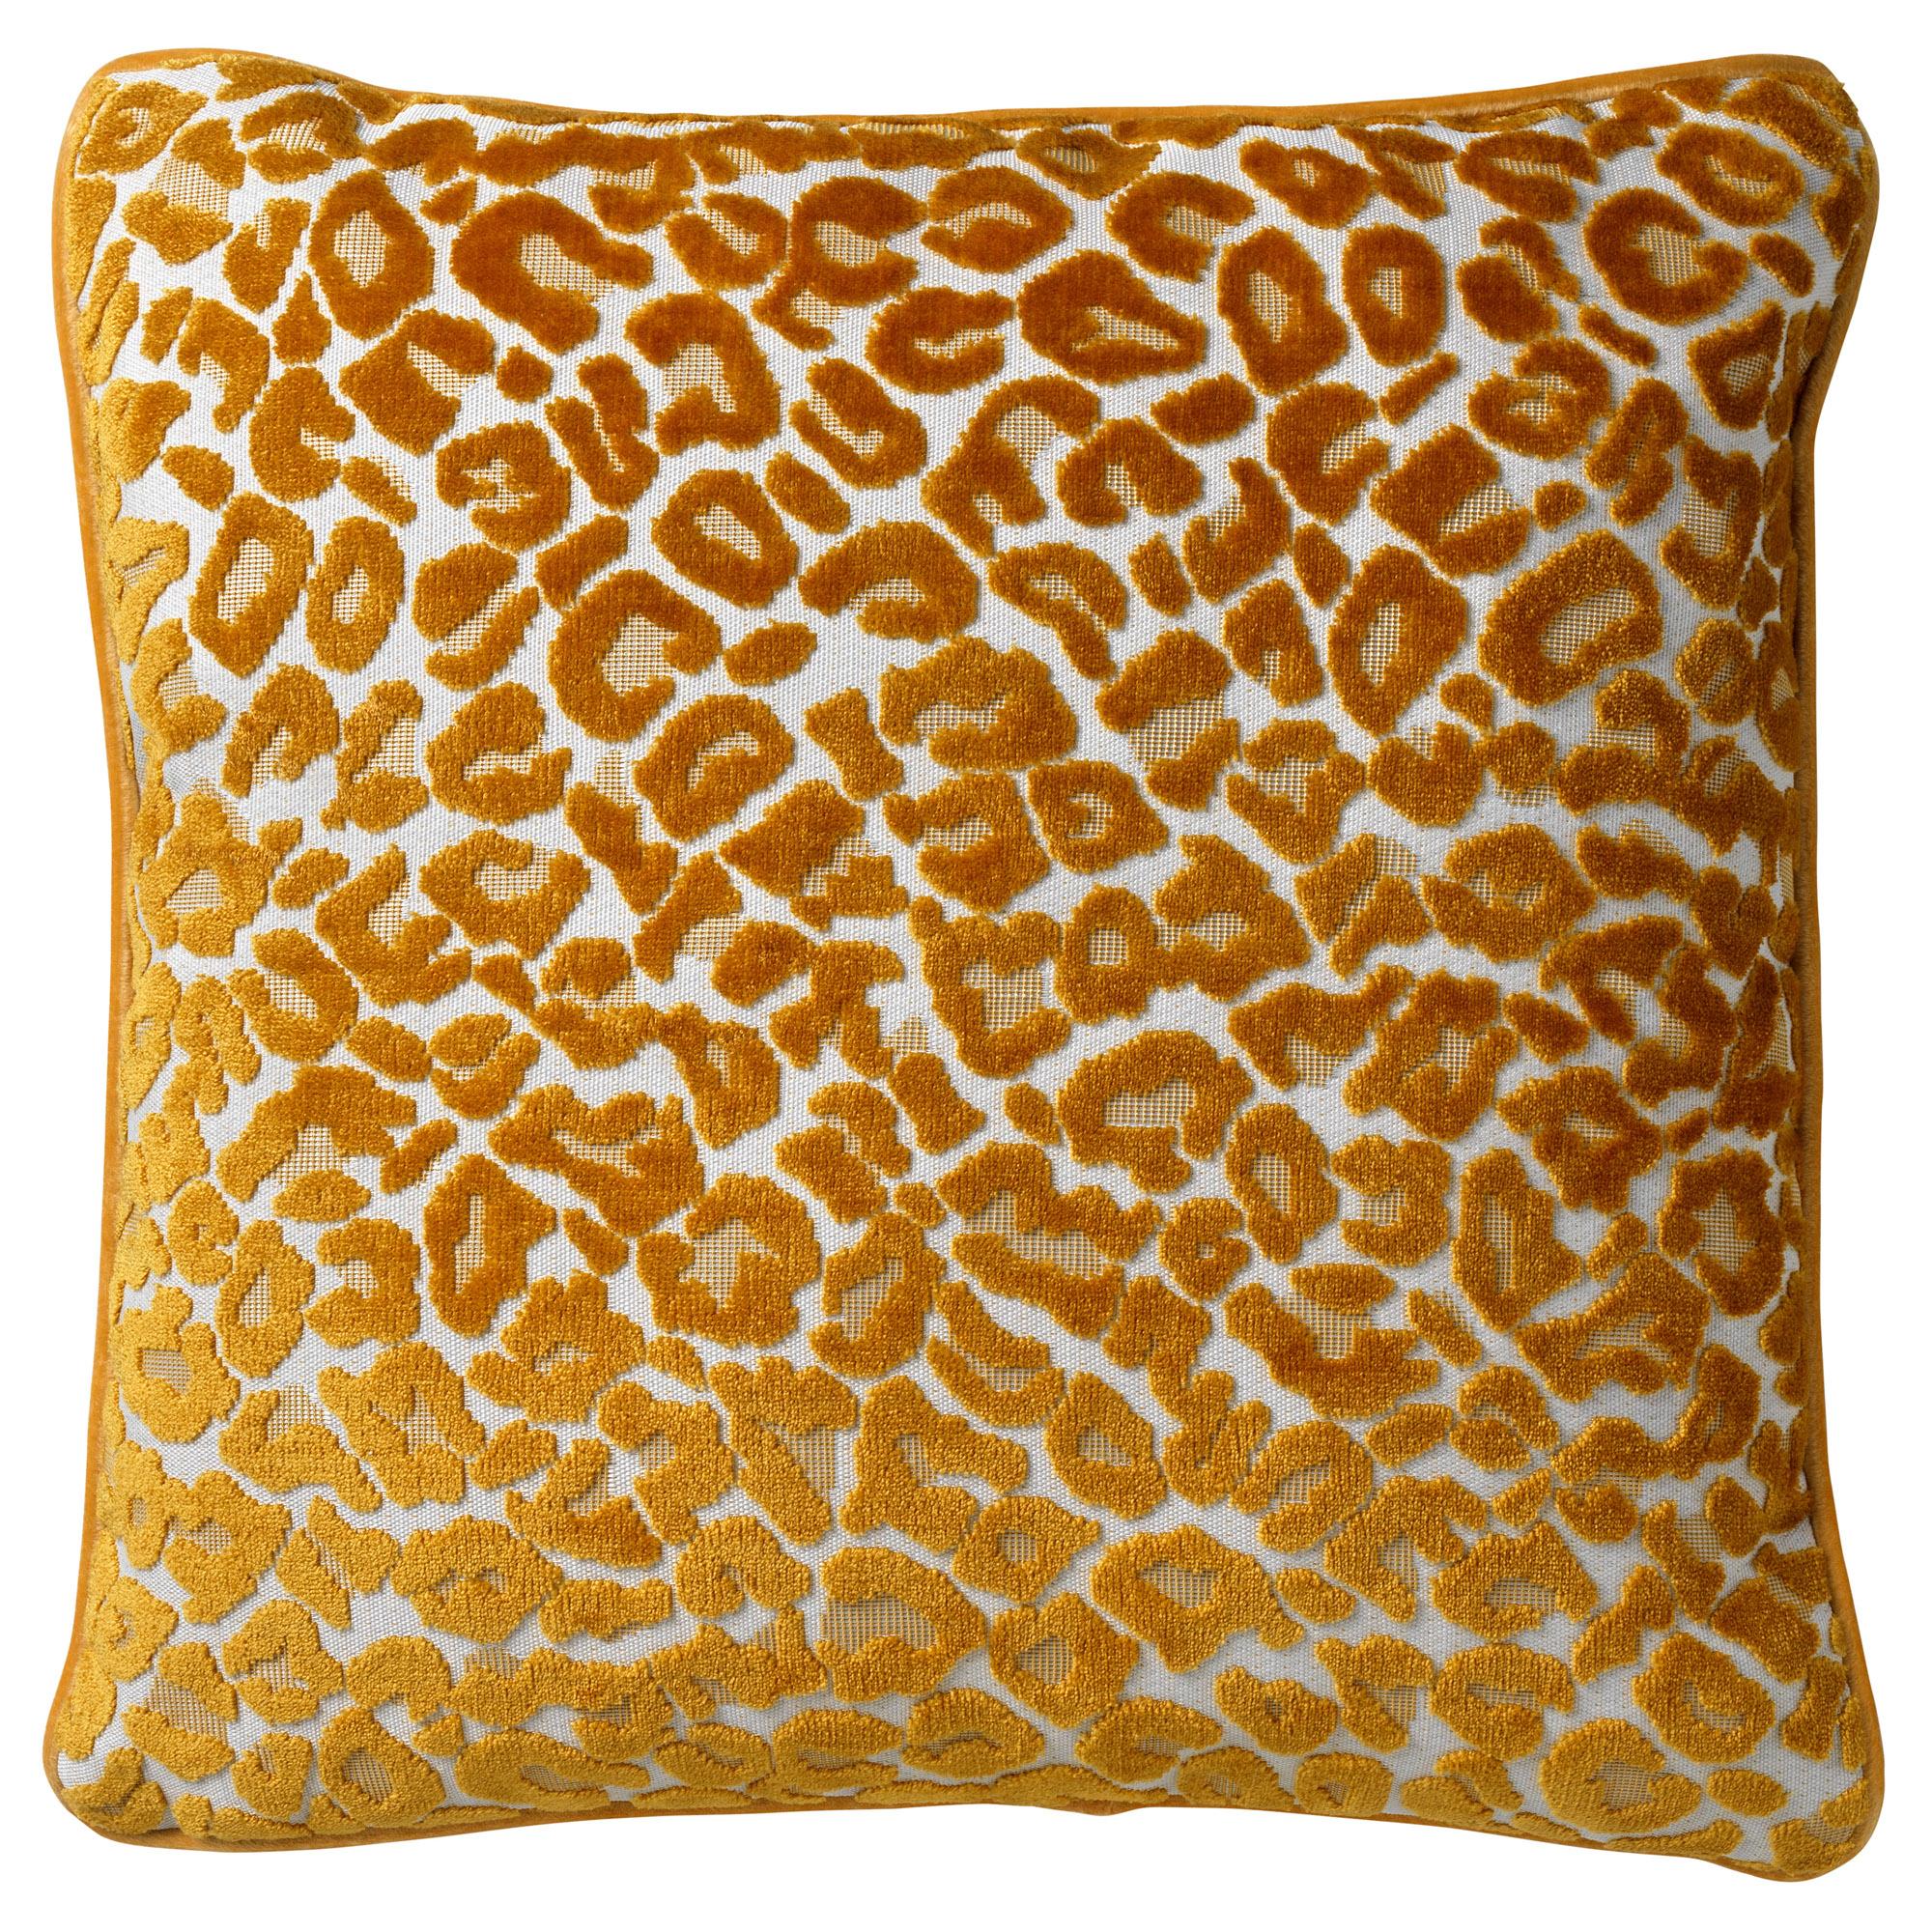 LEONA - Sierkussen velvet Golden Glow 45x45 cm